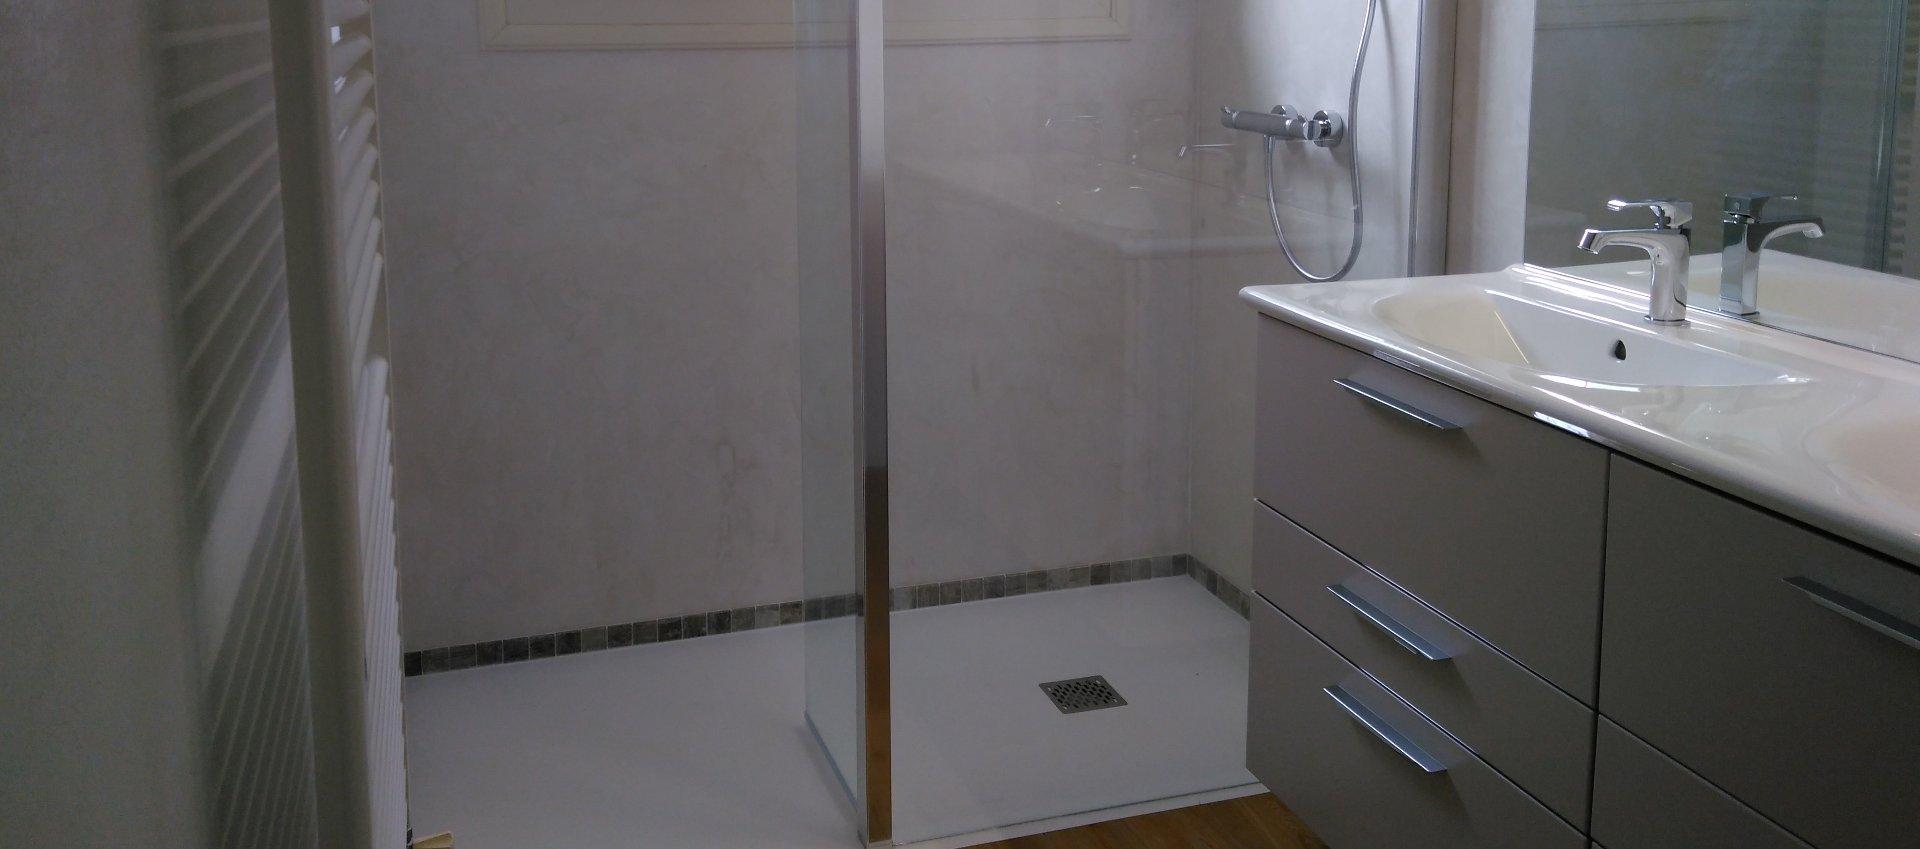 Création, rénovation de salle de bain